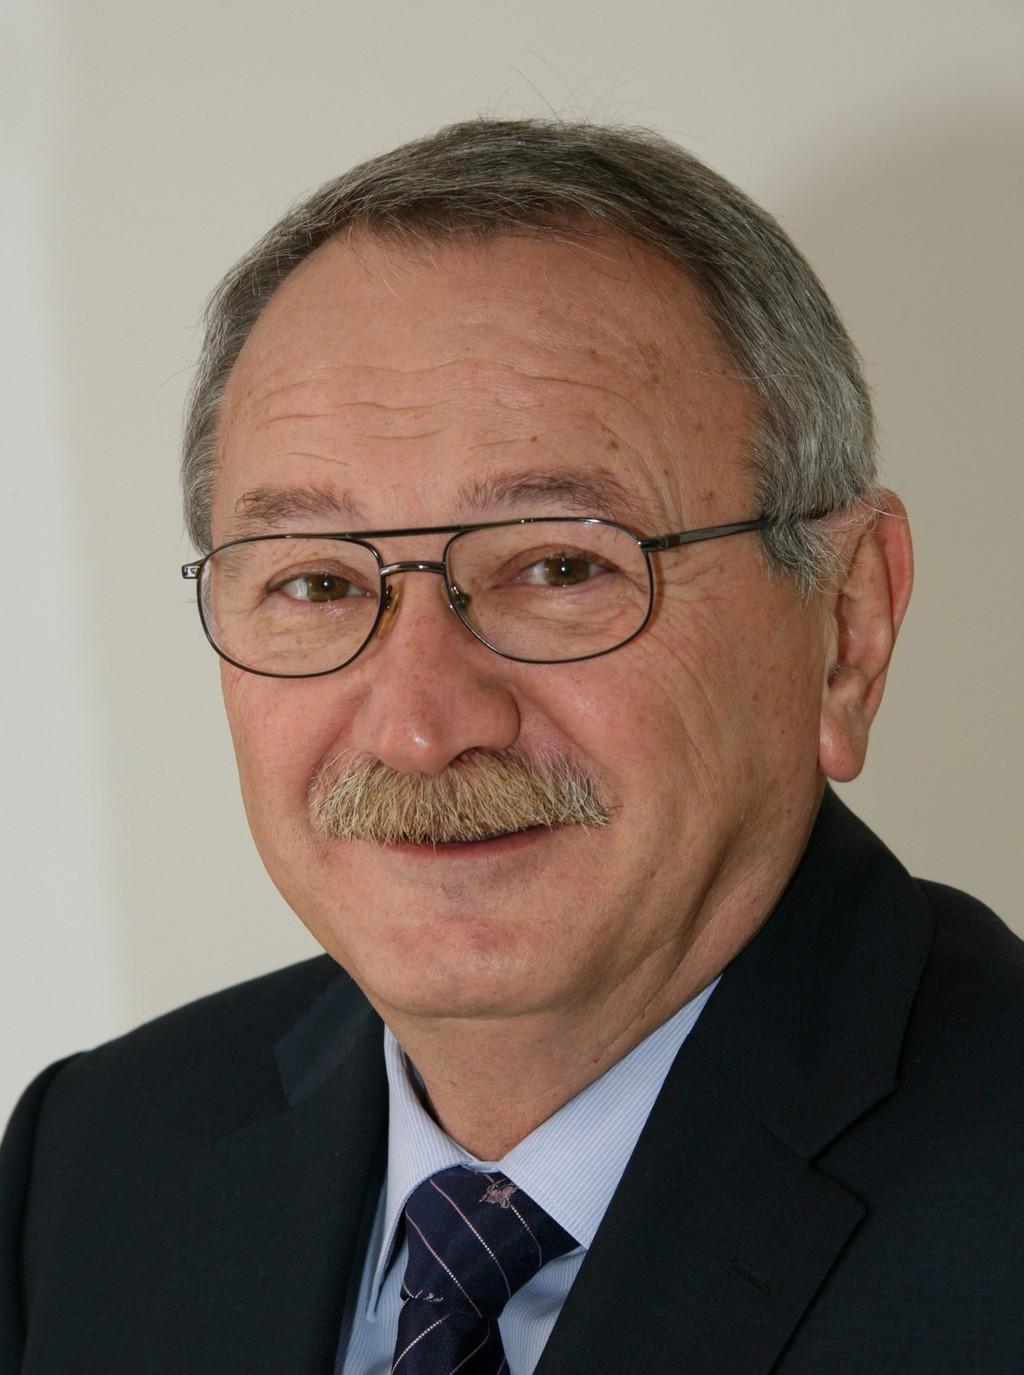 Kurt Puchinger